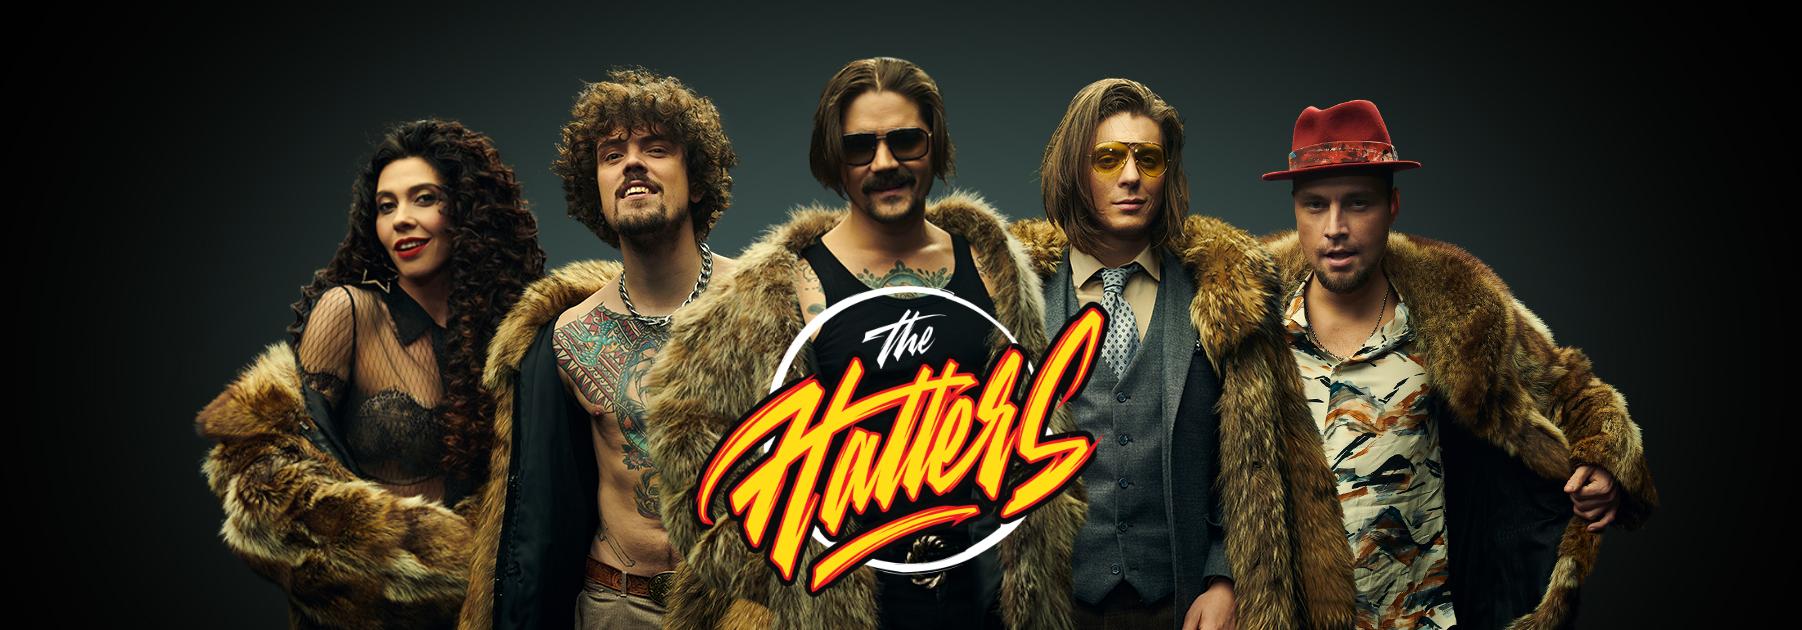 Большой концерт группы The Hatters в Твери перенесли на 2021 год